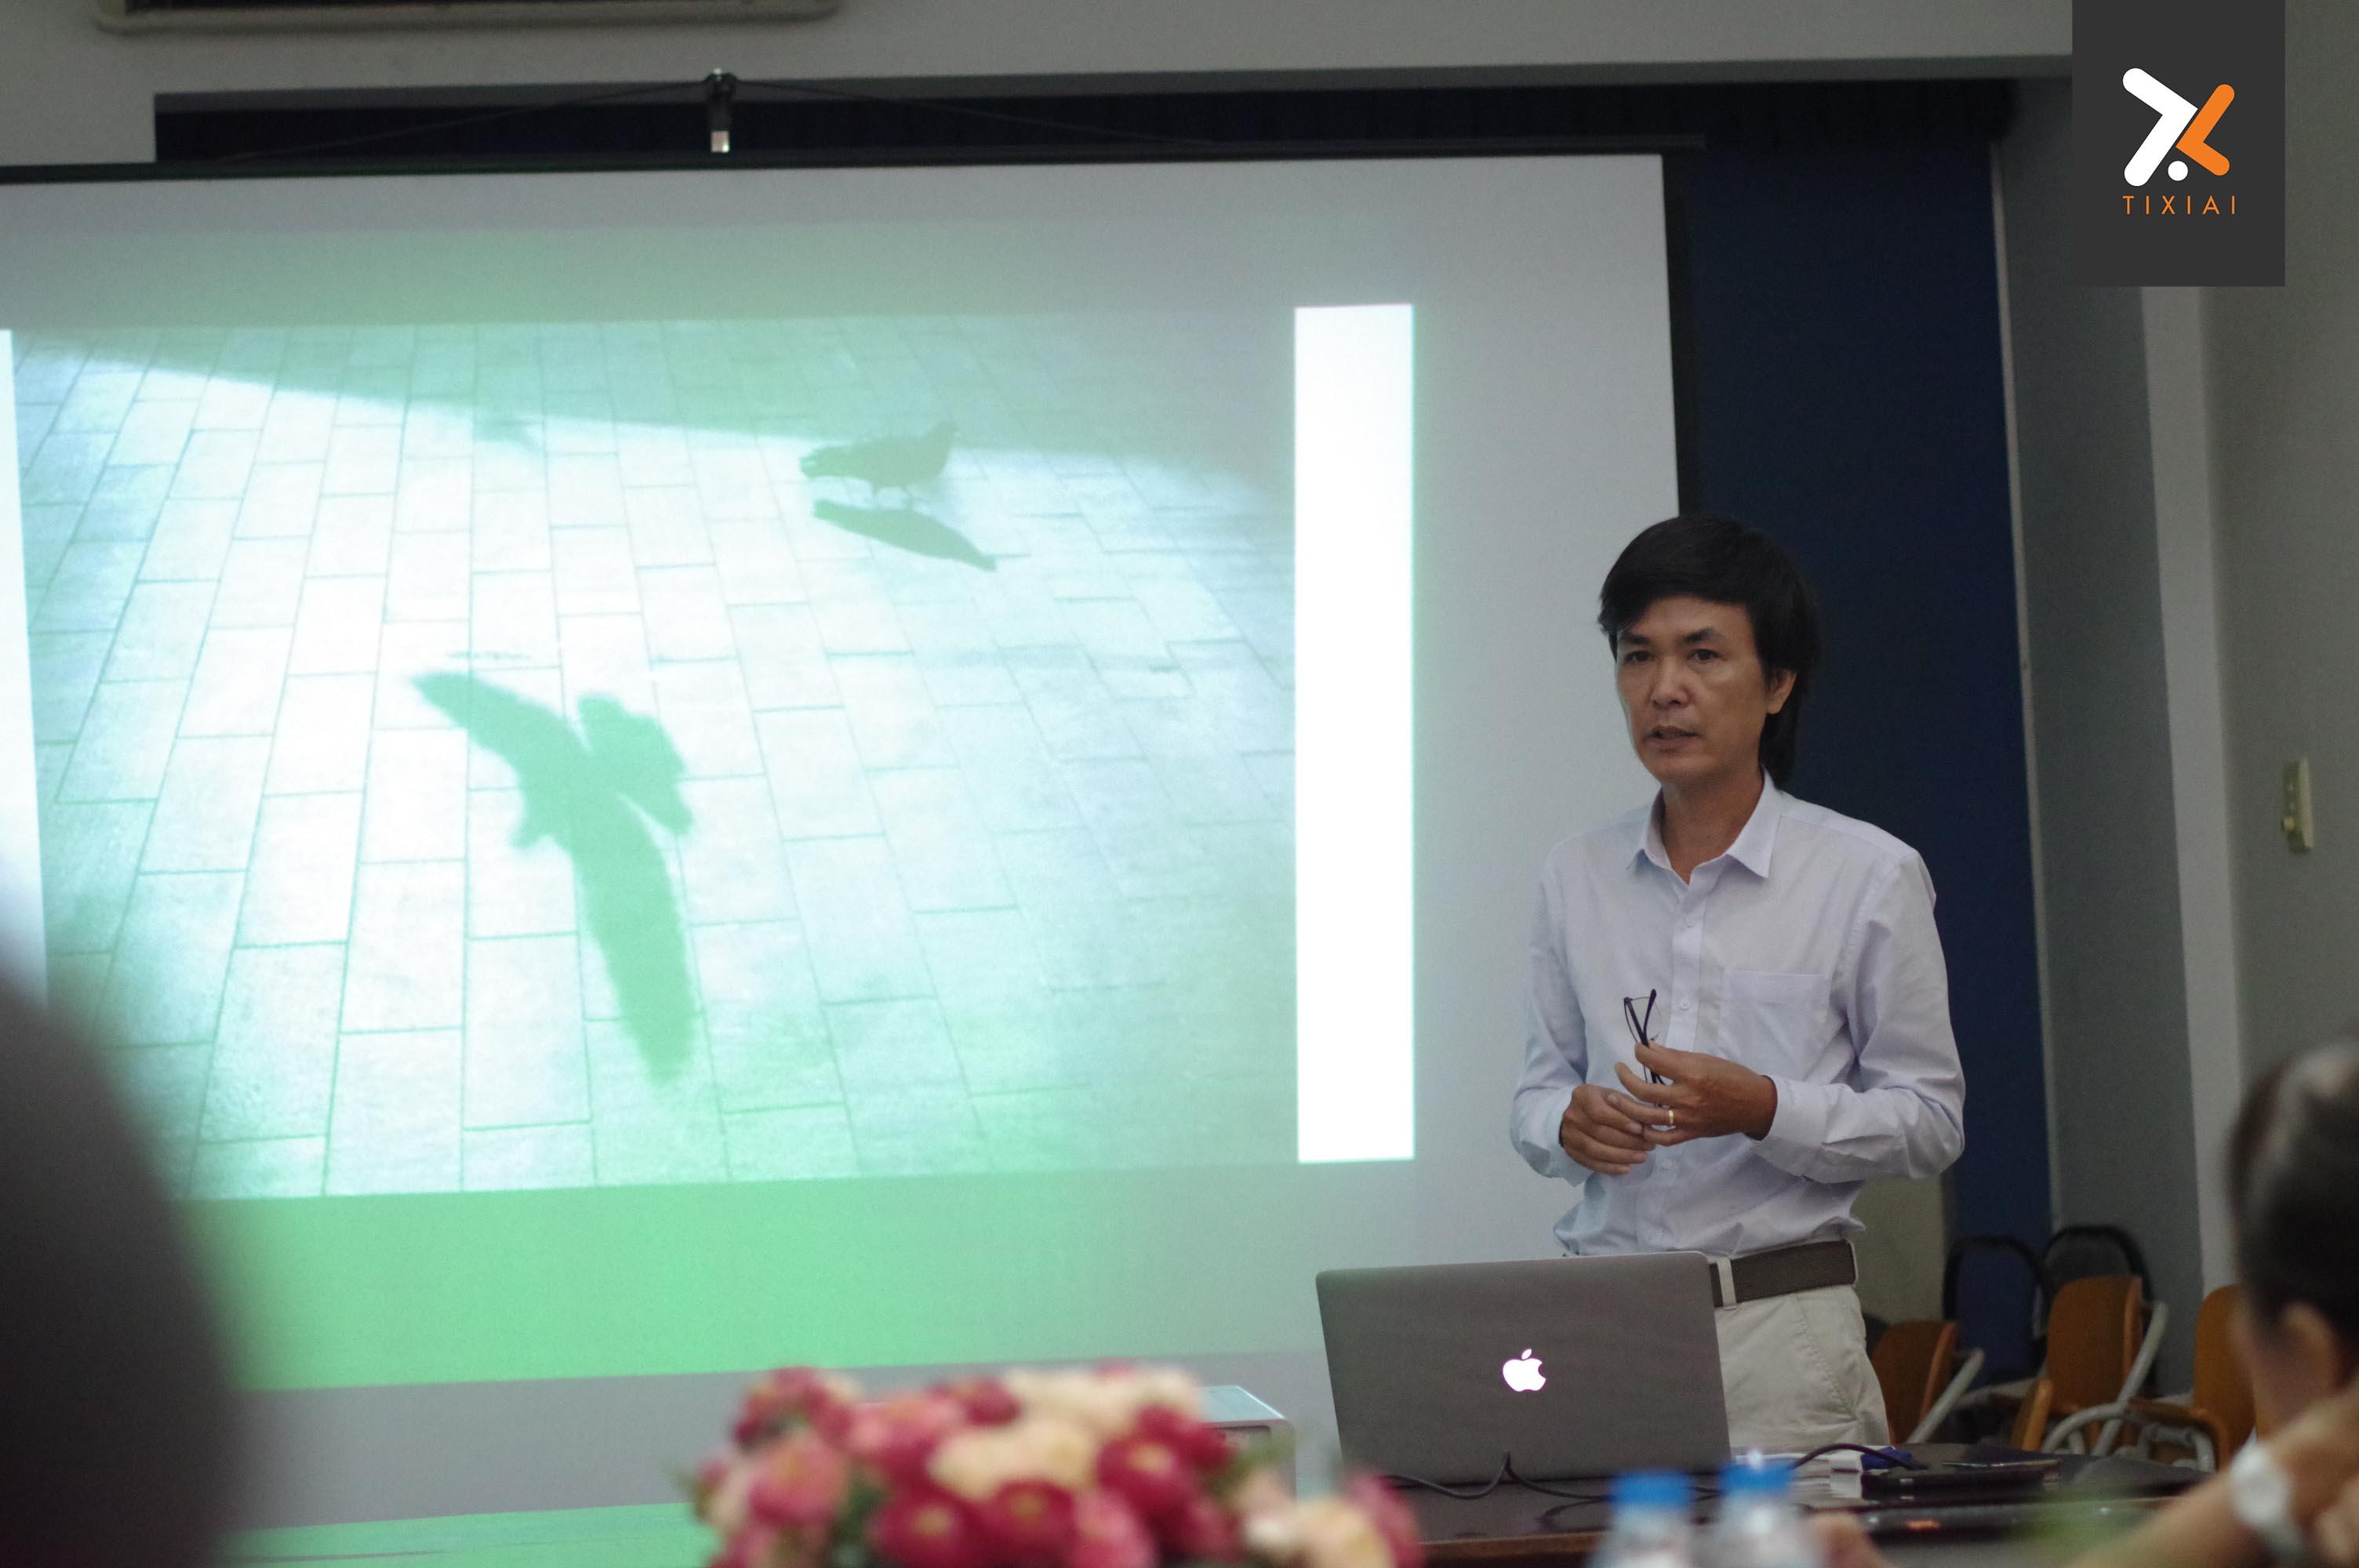 Workshop Chuyện ảnh đường phố - Hội nhiếp ảnh TP.HCM (5)